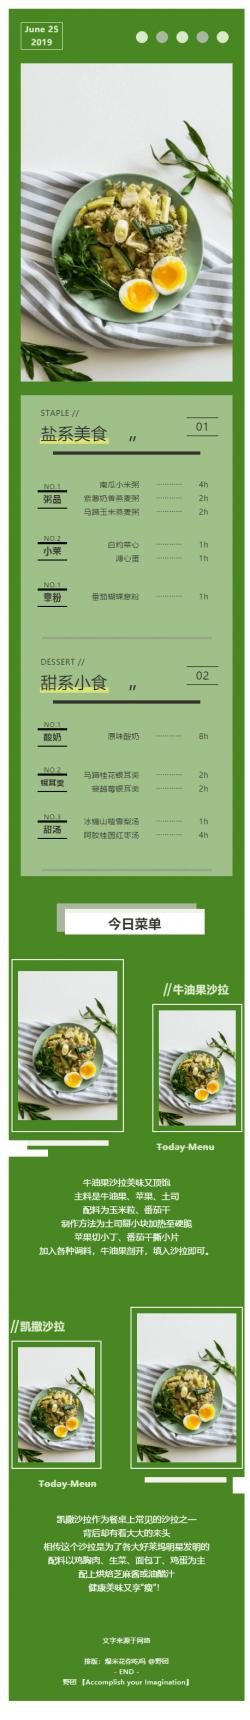 菜单菜谱美食微信公众号文章模板绿色有机食品